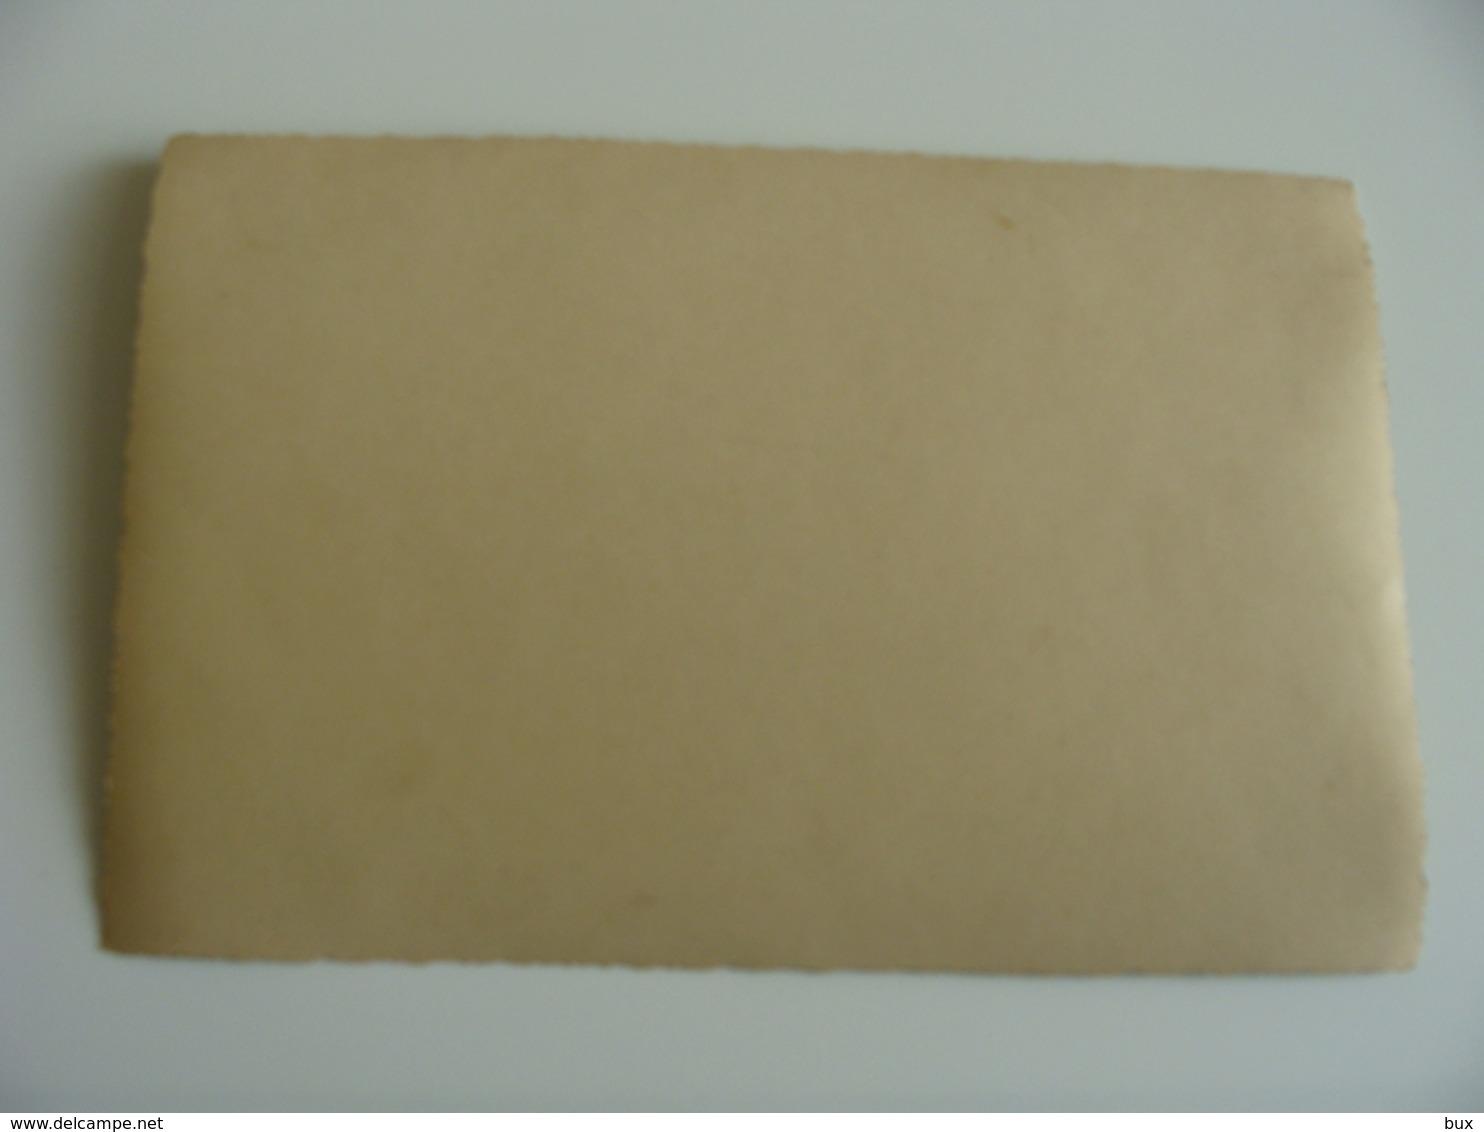 Venditore  Pane   Luogo Da Identificare  Ritrovate A Bari    Originale Foto  17 X 11,5  Lotto Ba11 - Luoghi